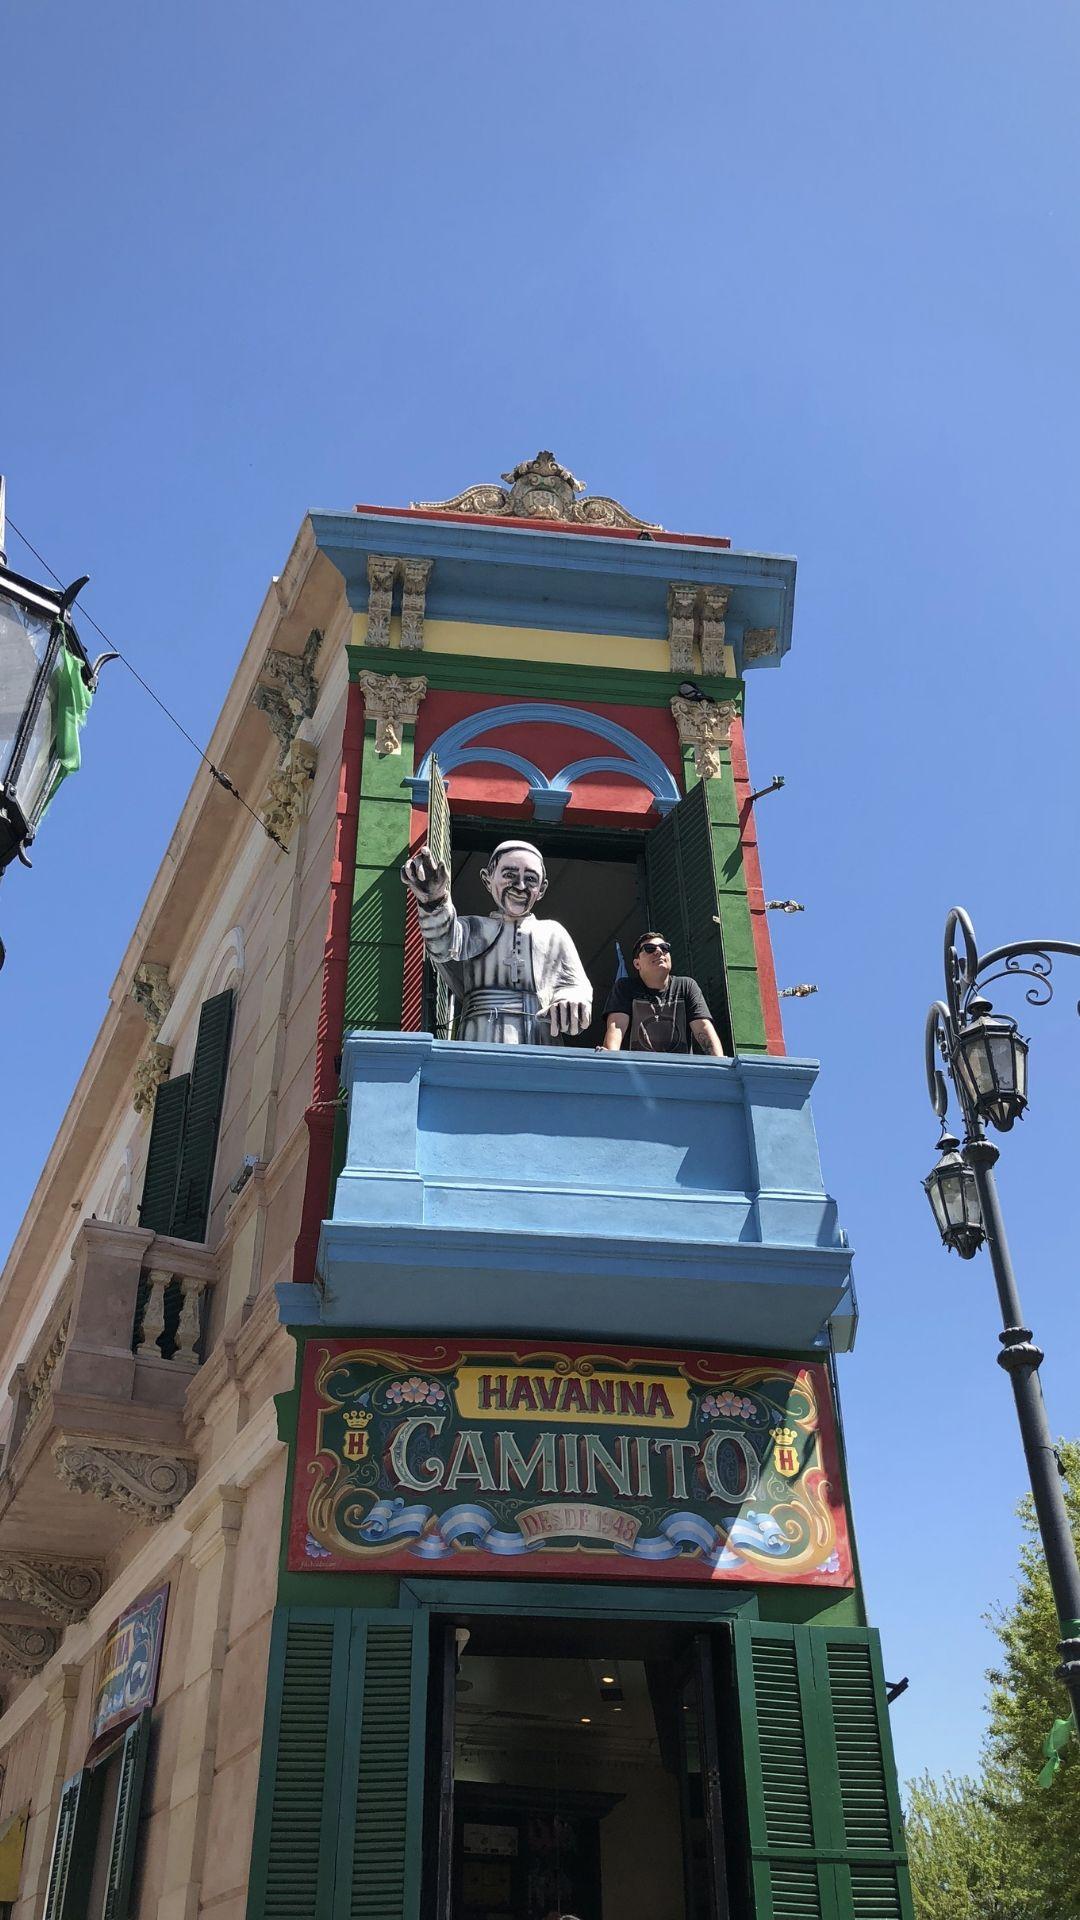 Leo acima da loja Havanna no bairro Caminito em Buenos Aires